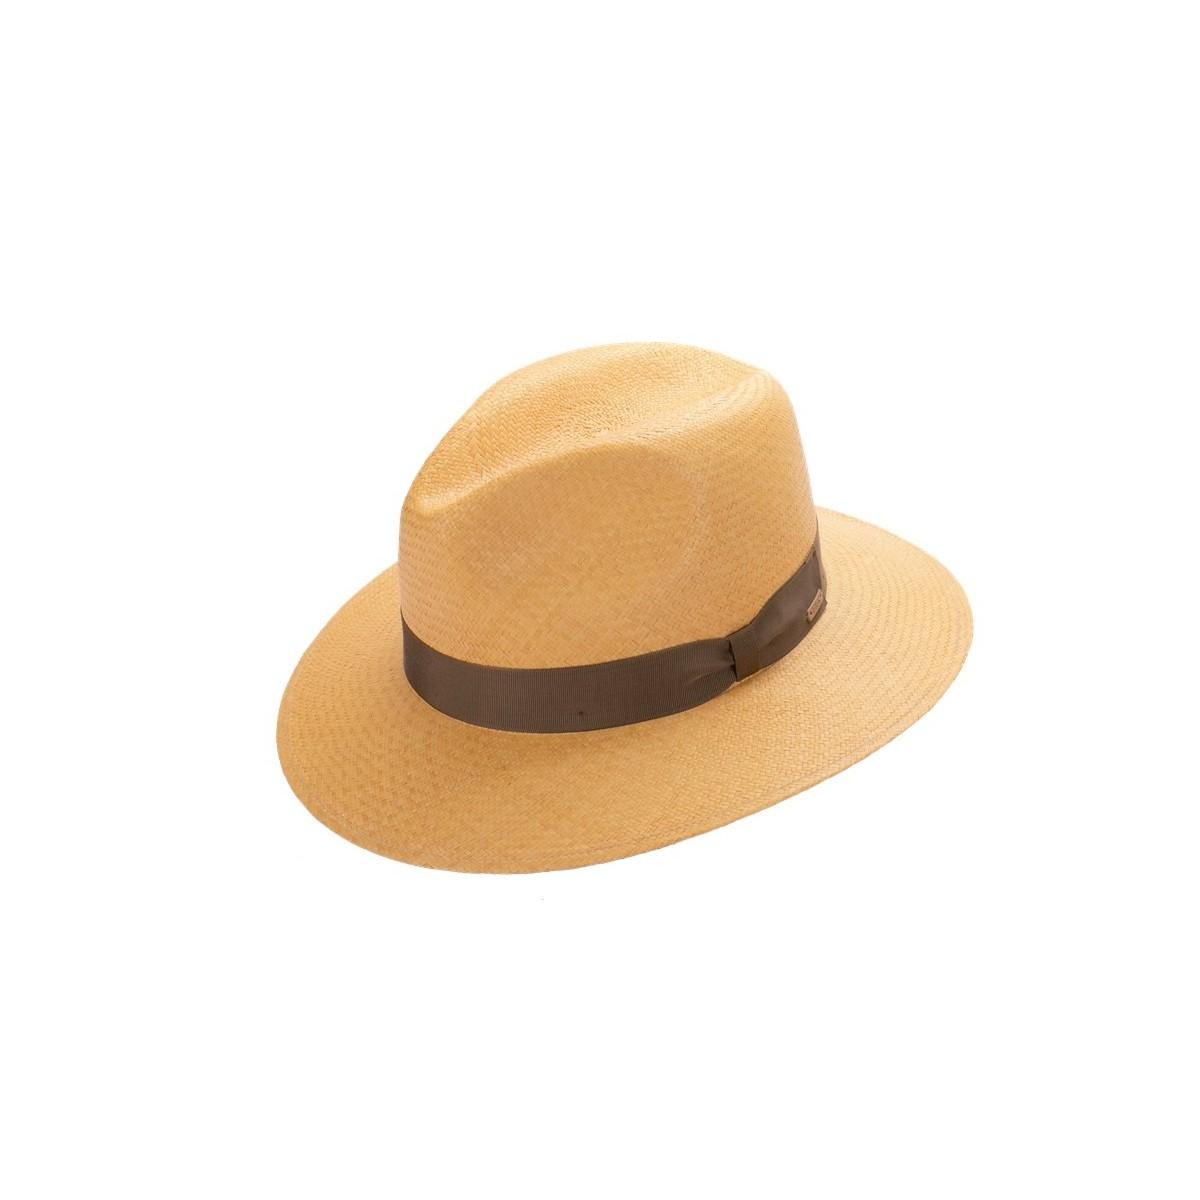 Uriel Sombrero de hombre panamá copa Fedora en color habano y cinta marrón chocolate. Fernández y ROCHE